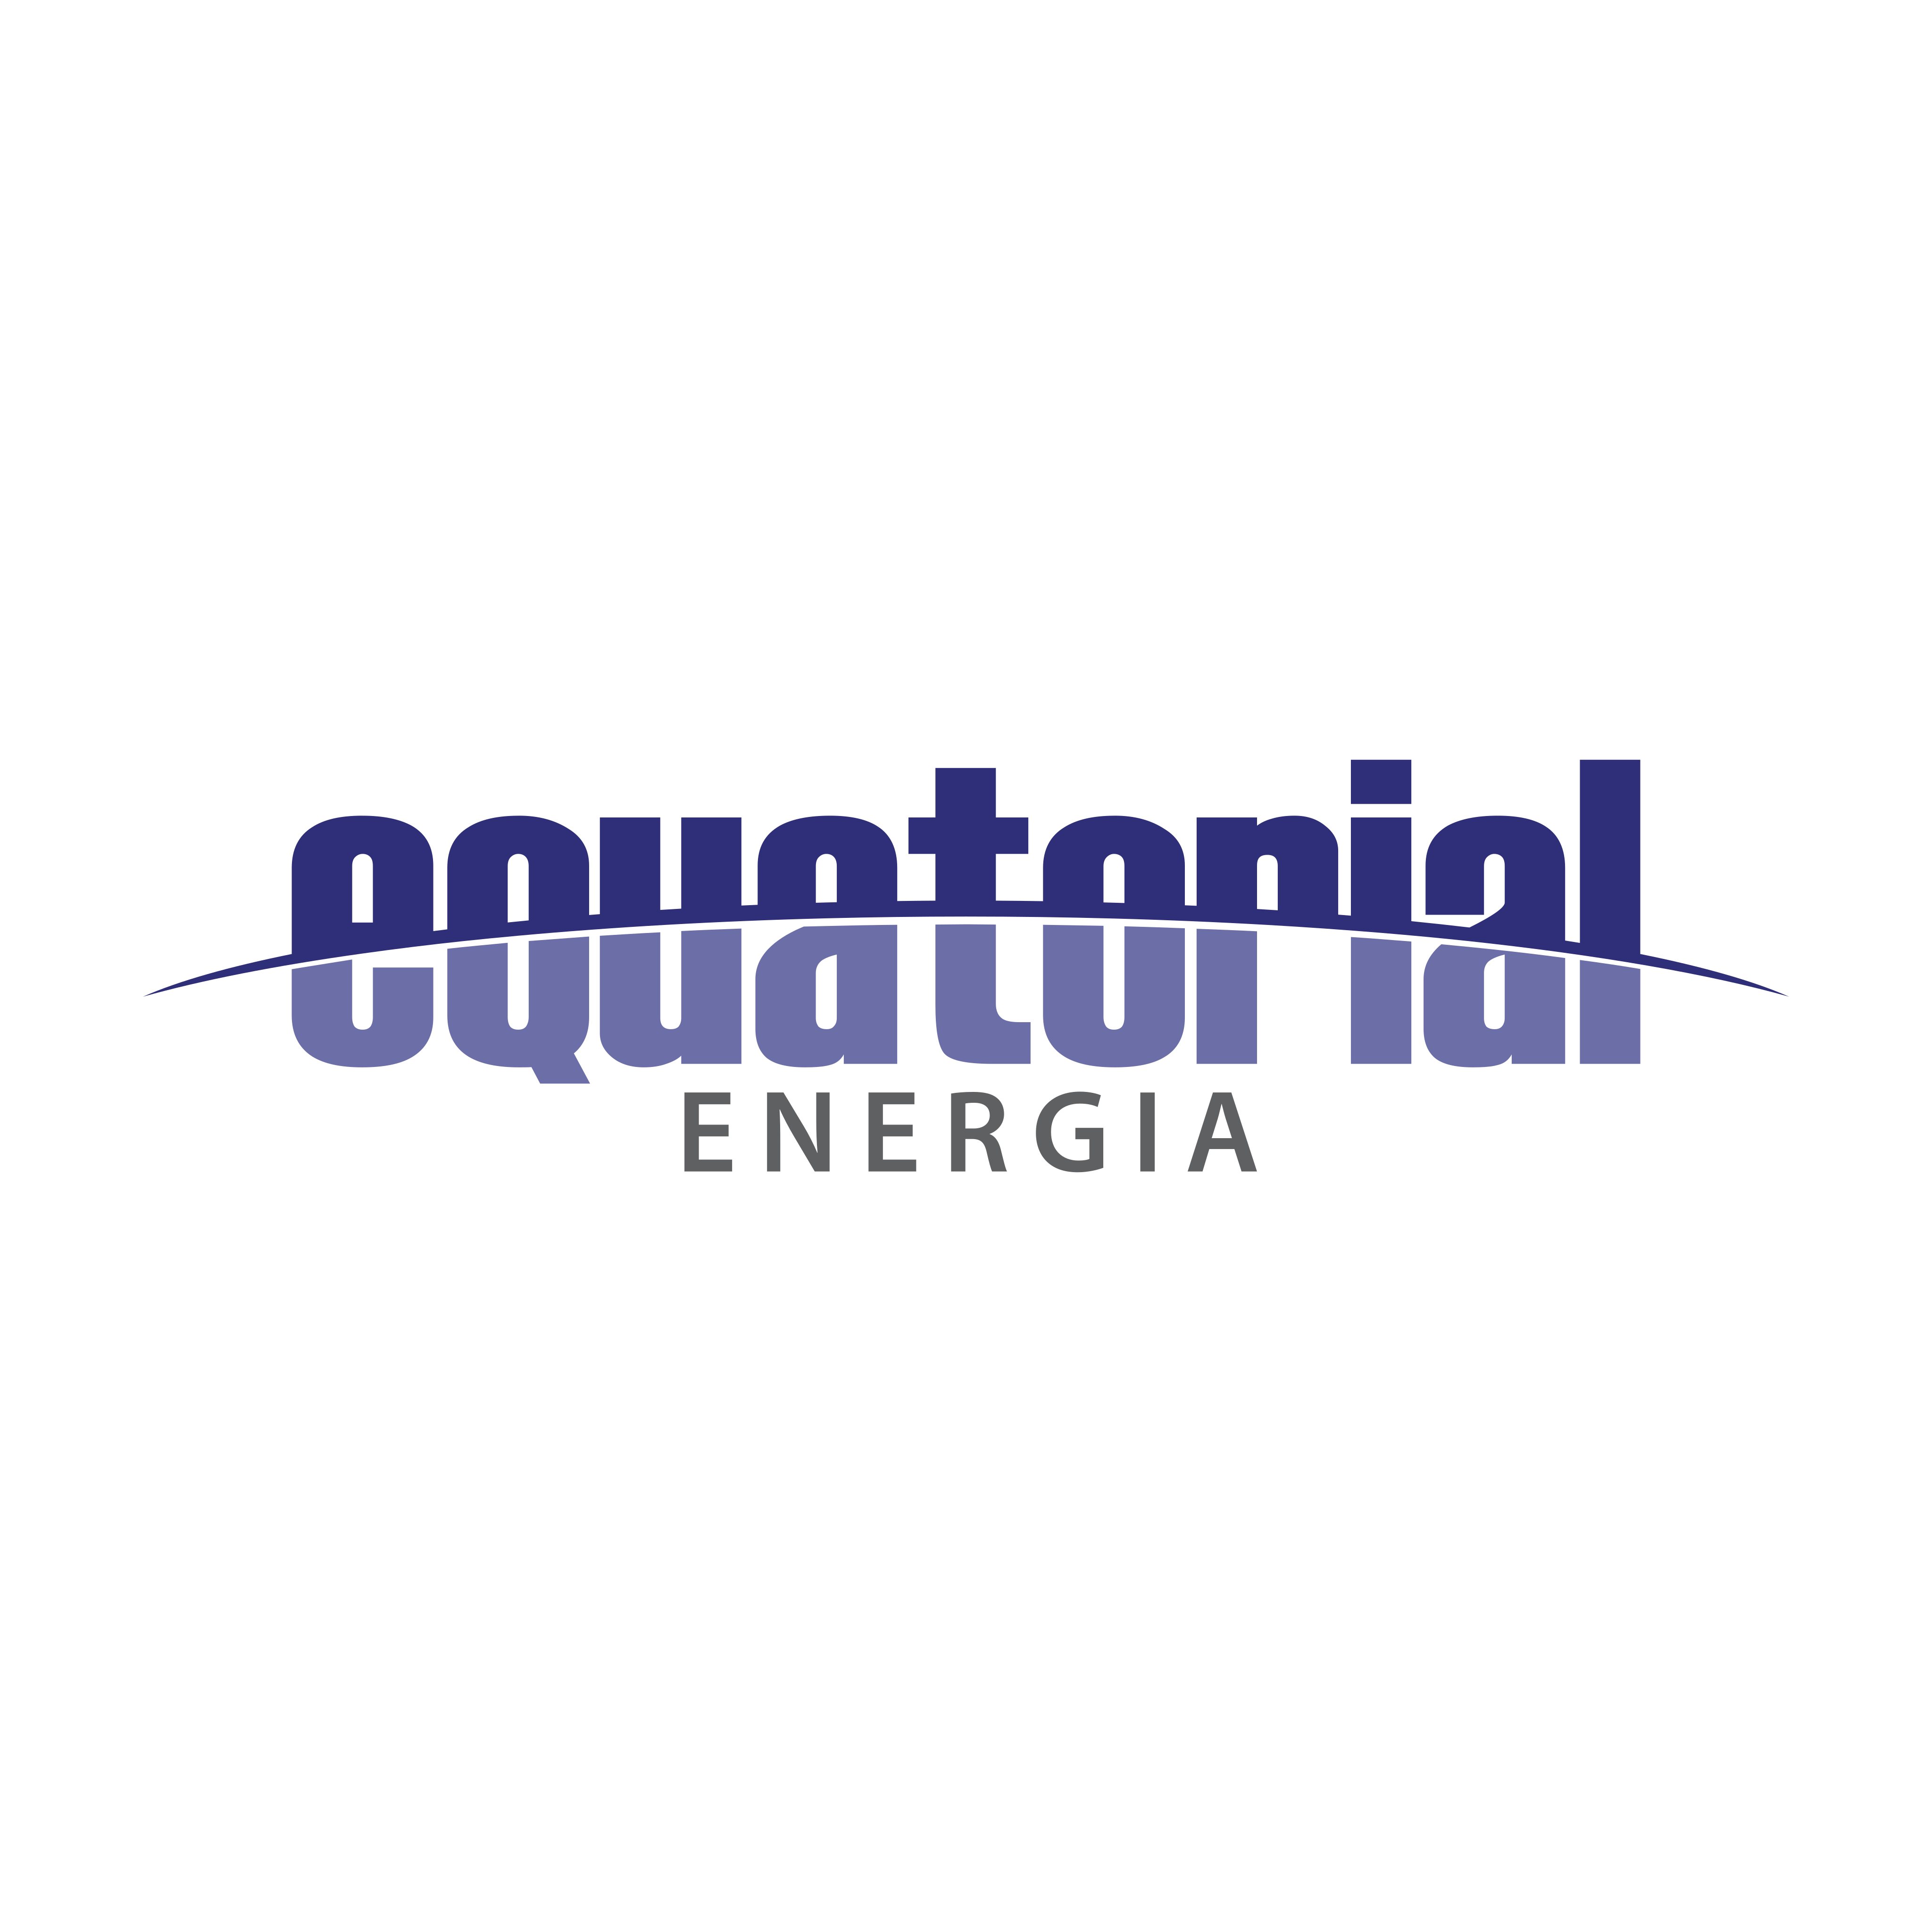 equatorial logo 0 - Equatorial Energia Logo